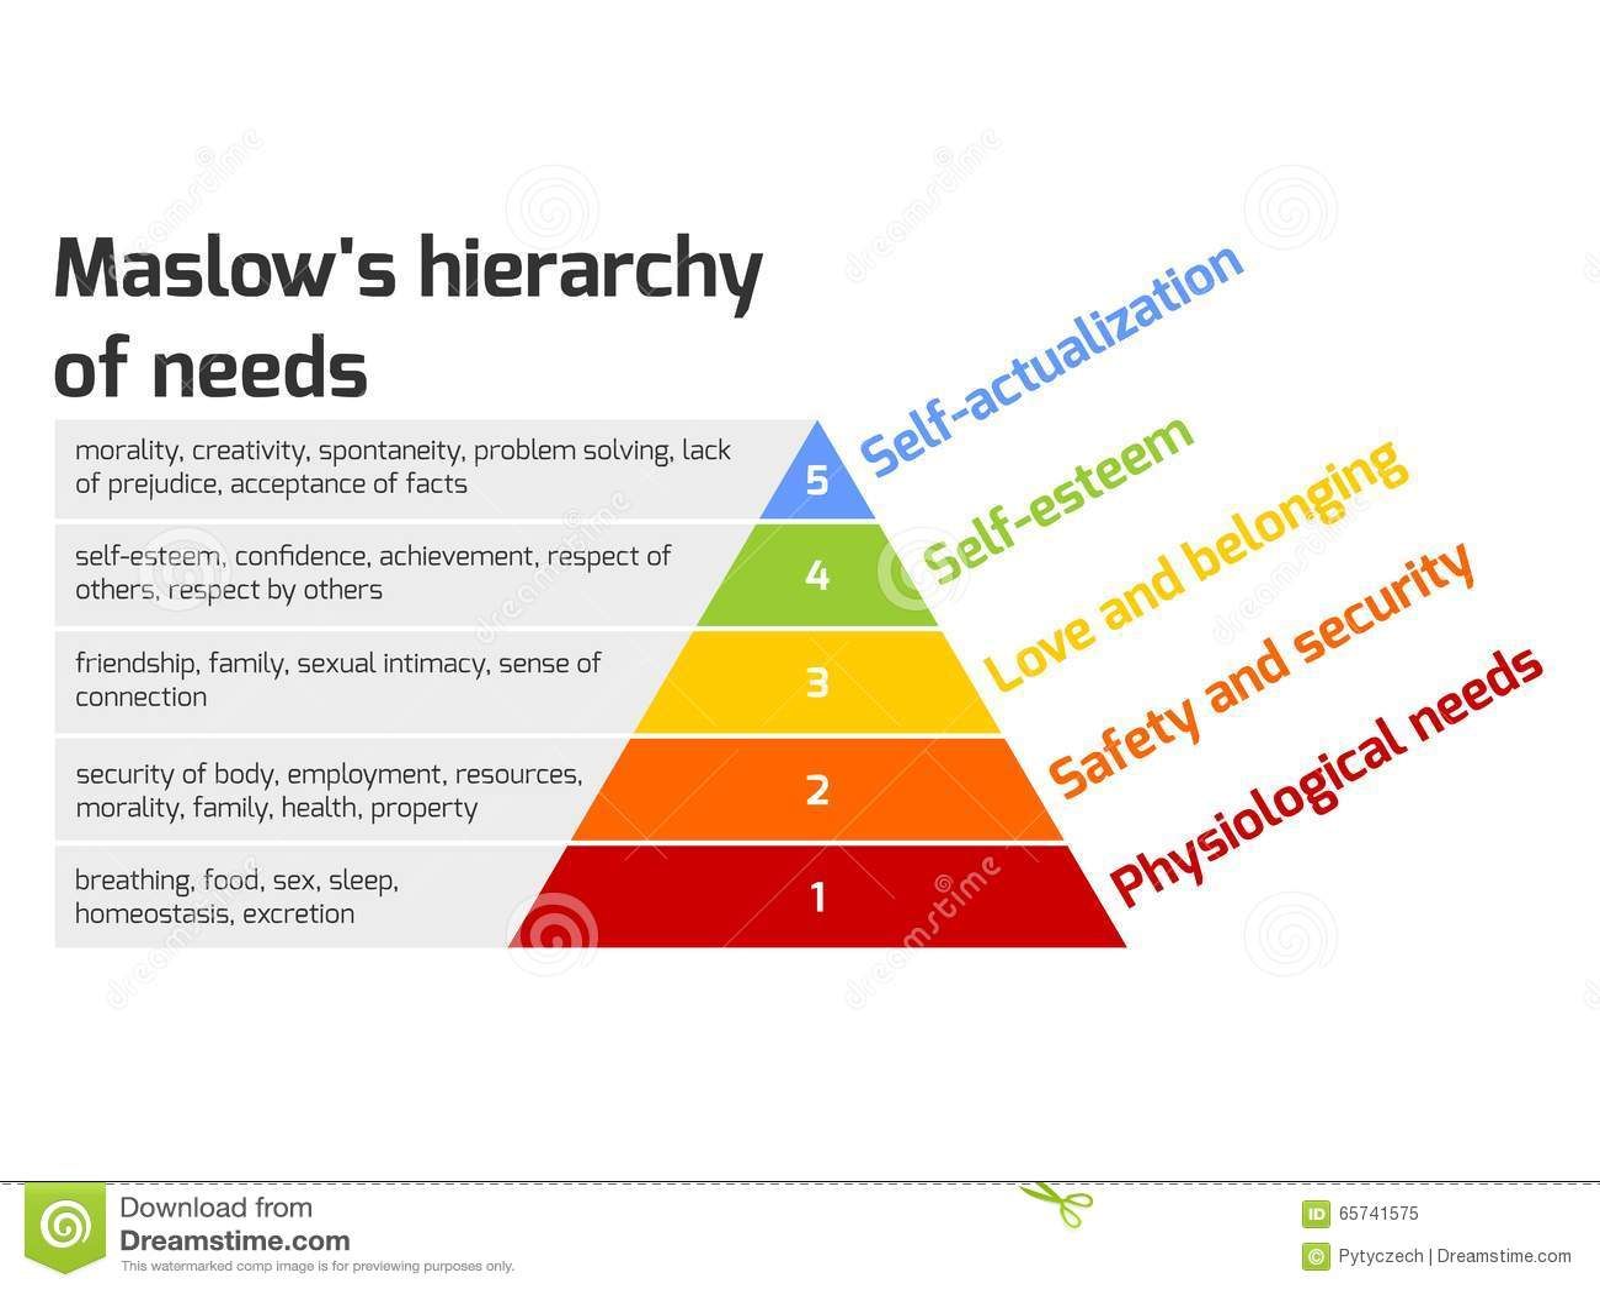 La pyramide de Maslow des besoins